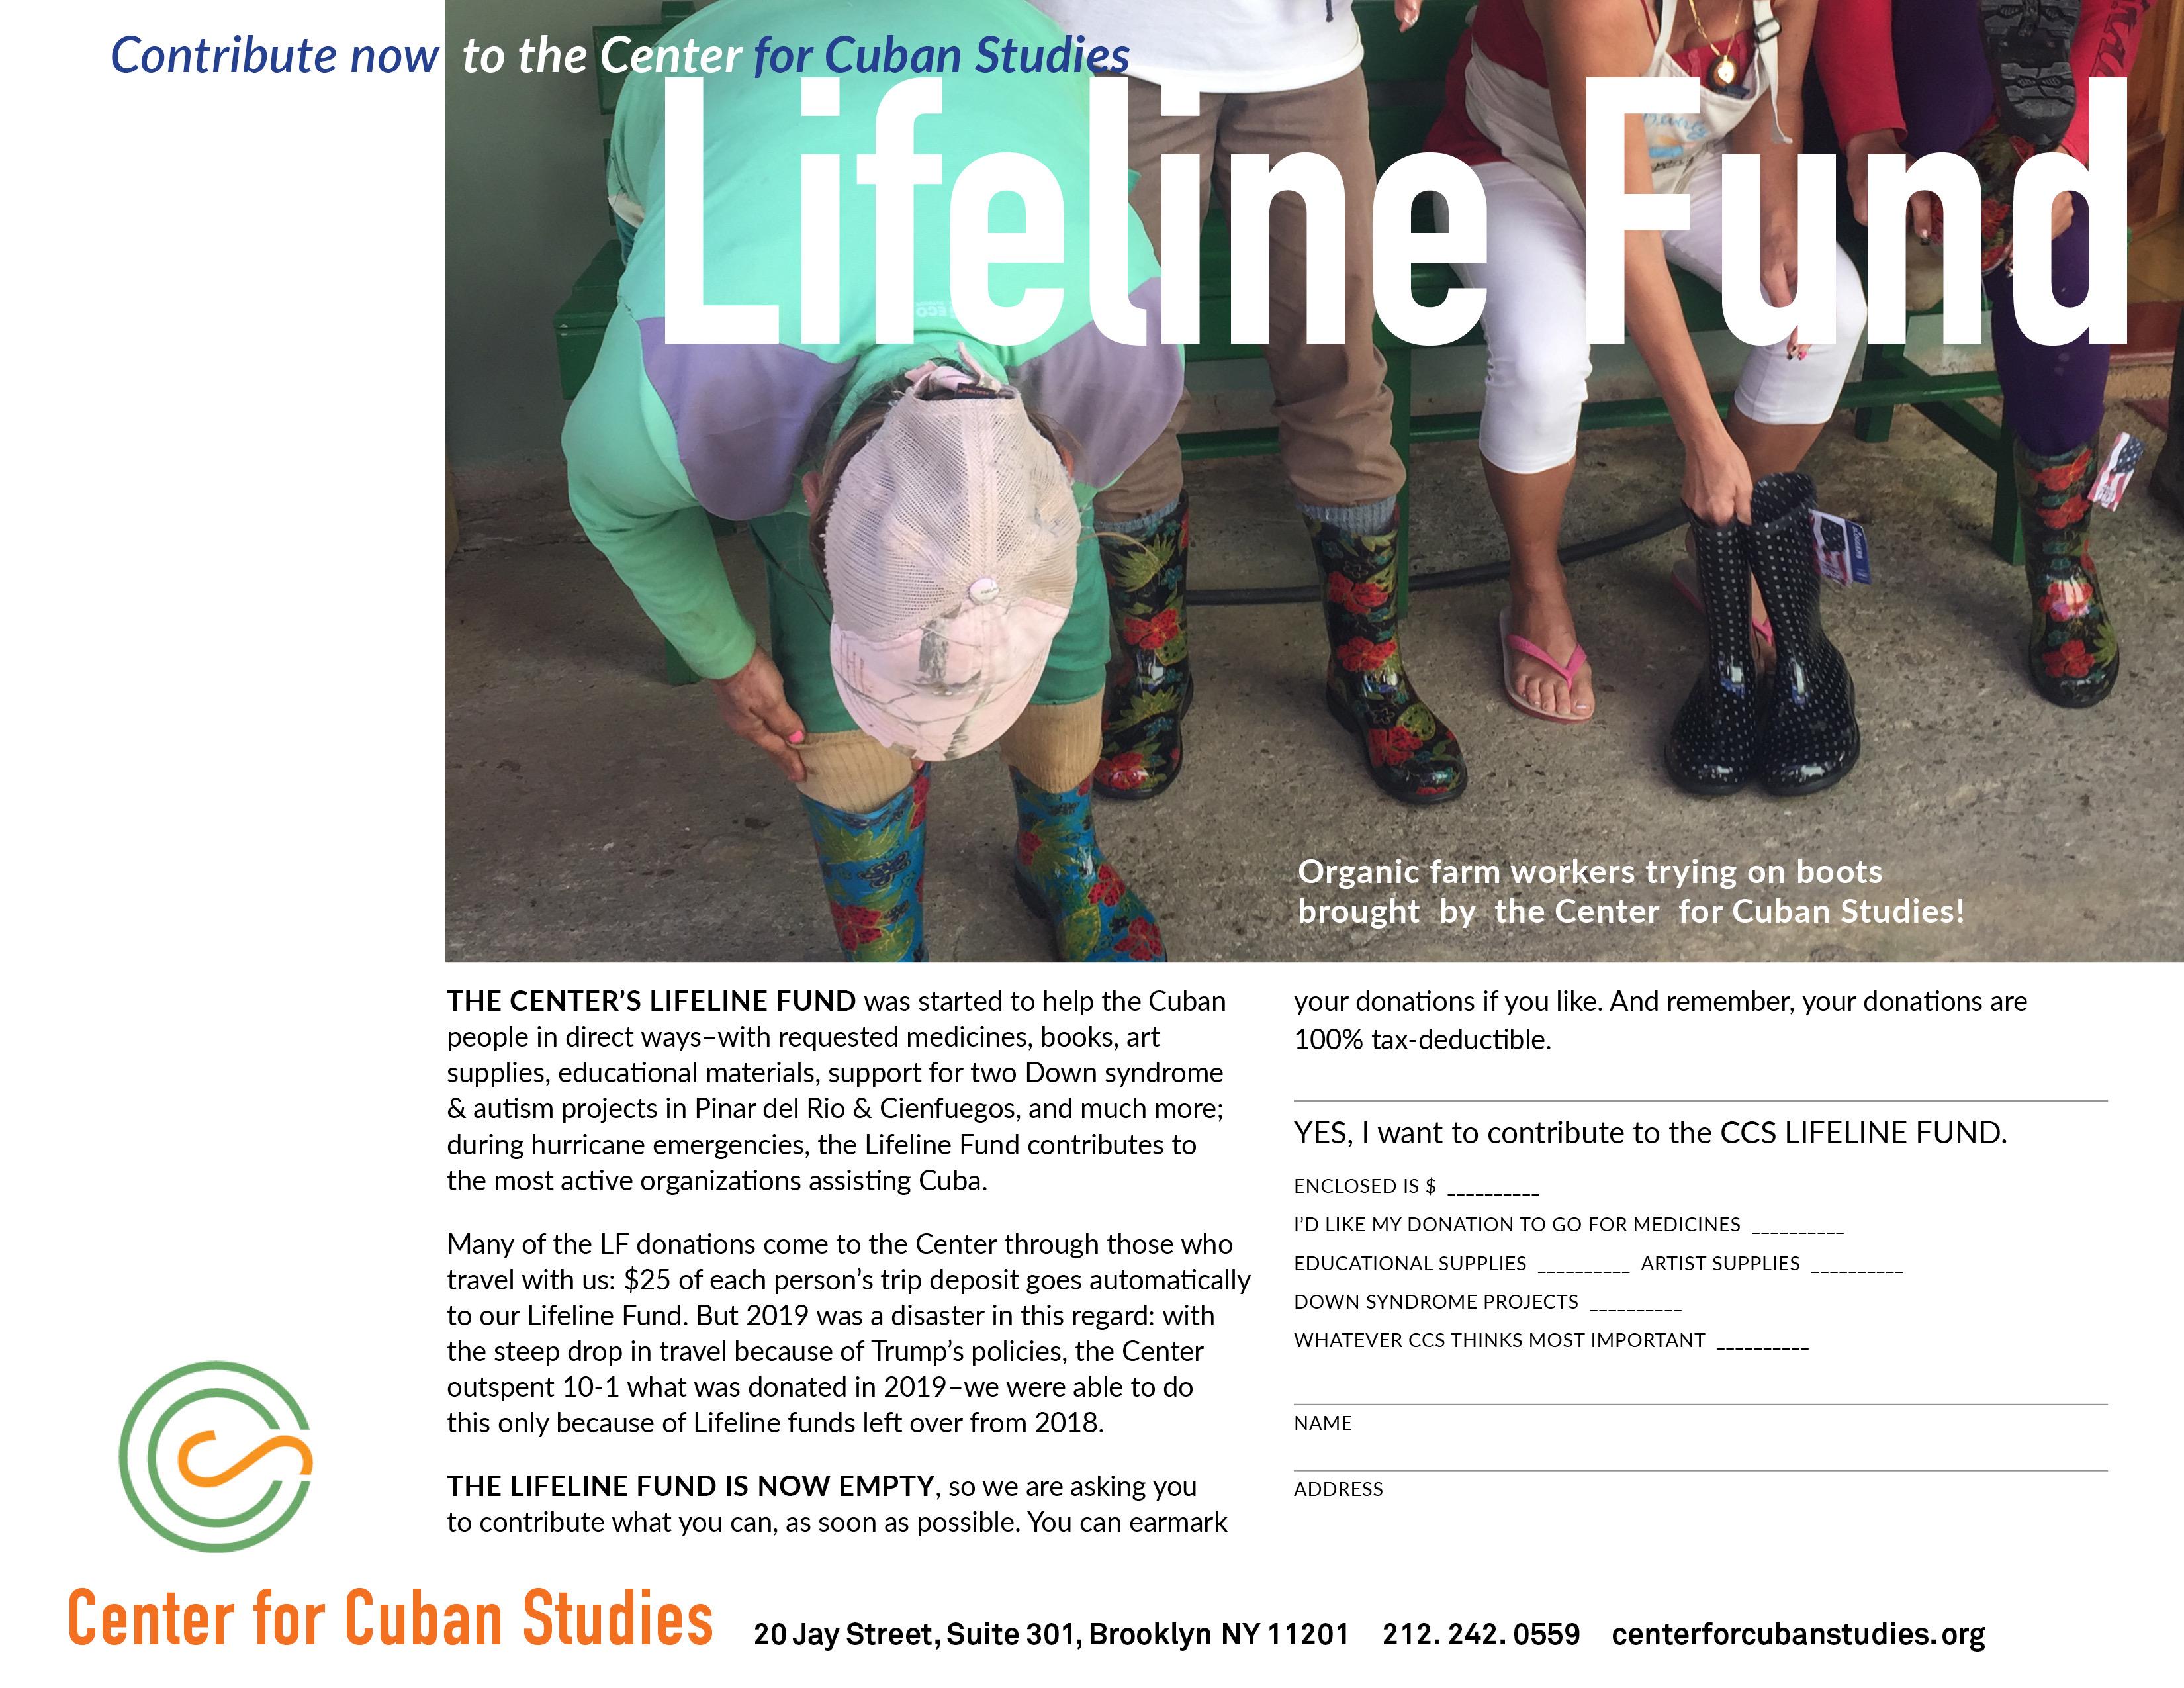 lifeline-fund2.jpg